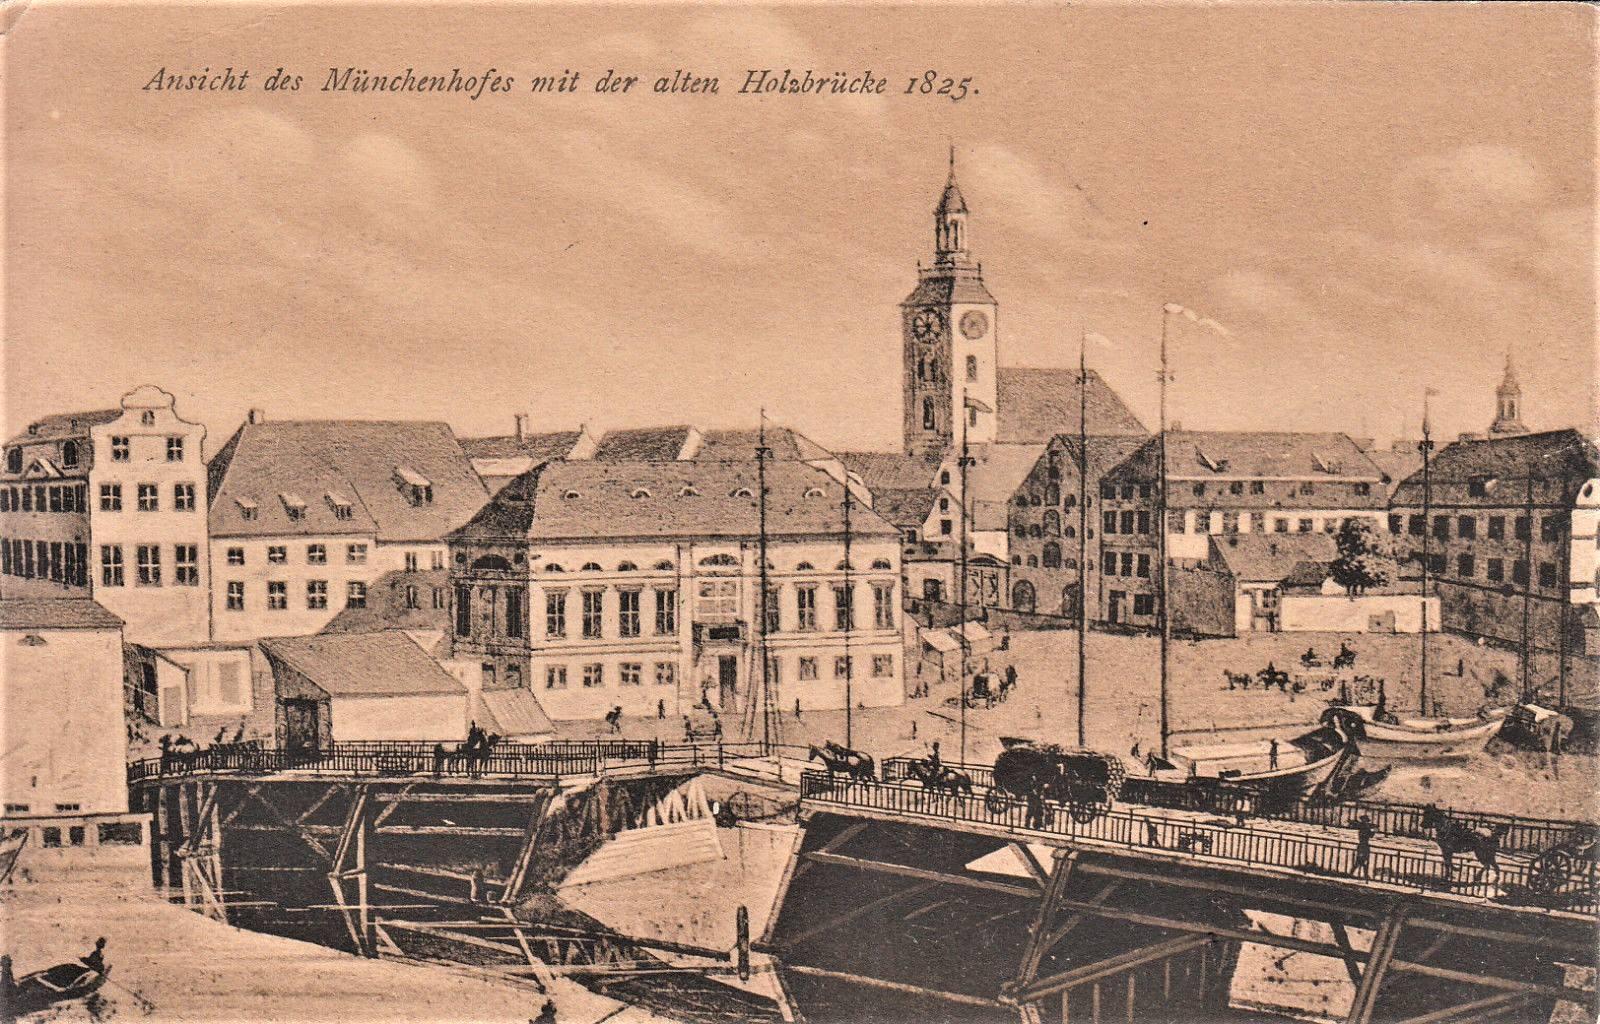 1825 Ansicht des Muenchenhofes mit der alten Holzbruecke